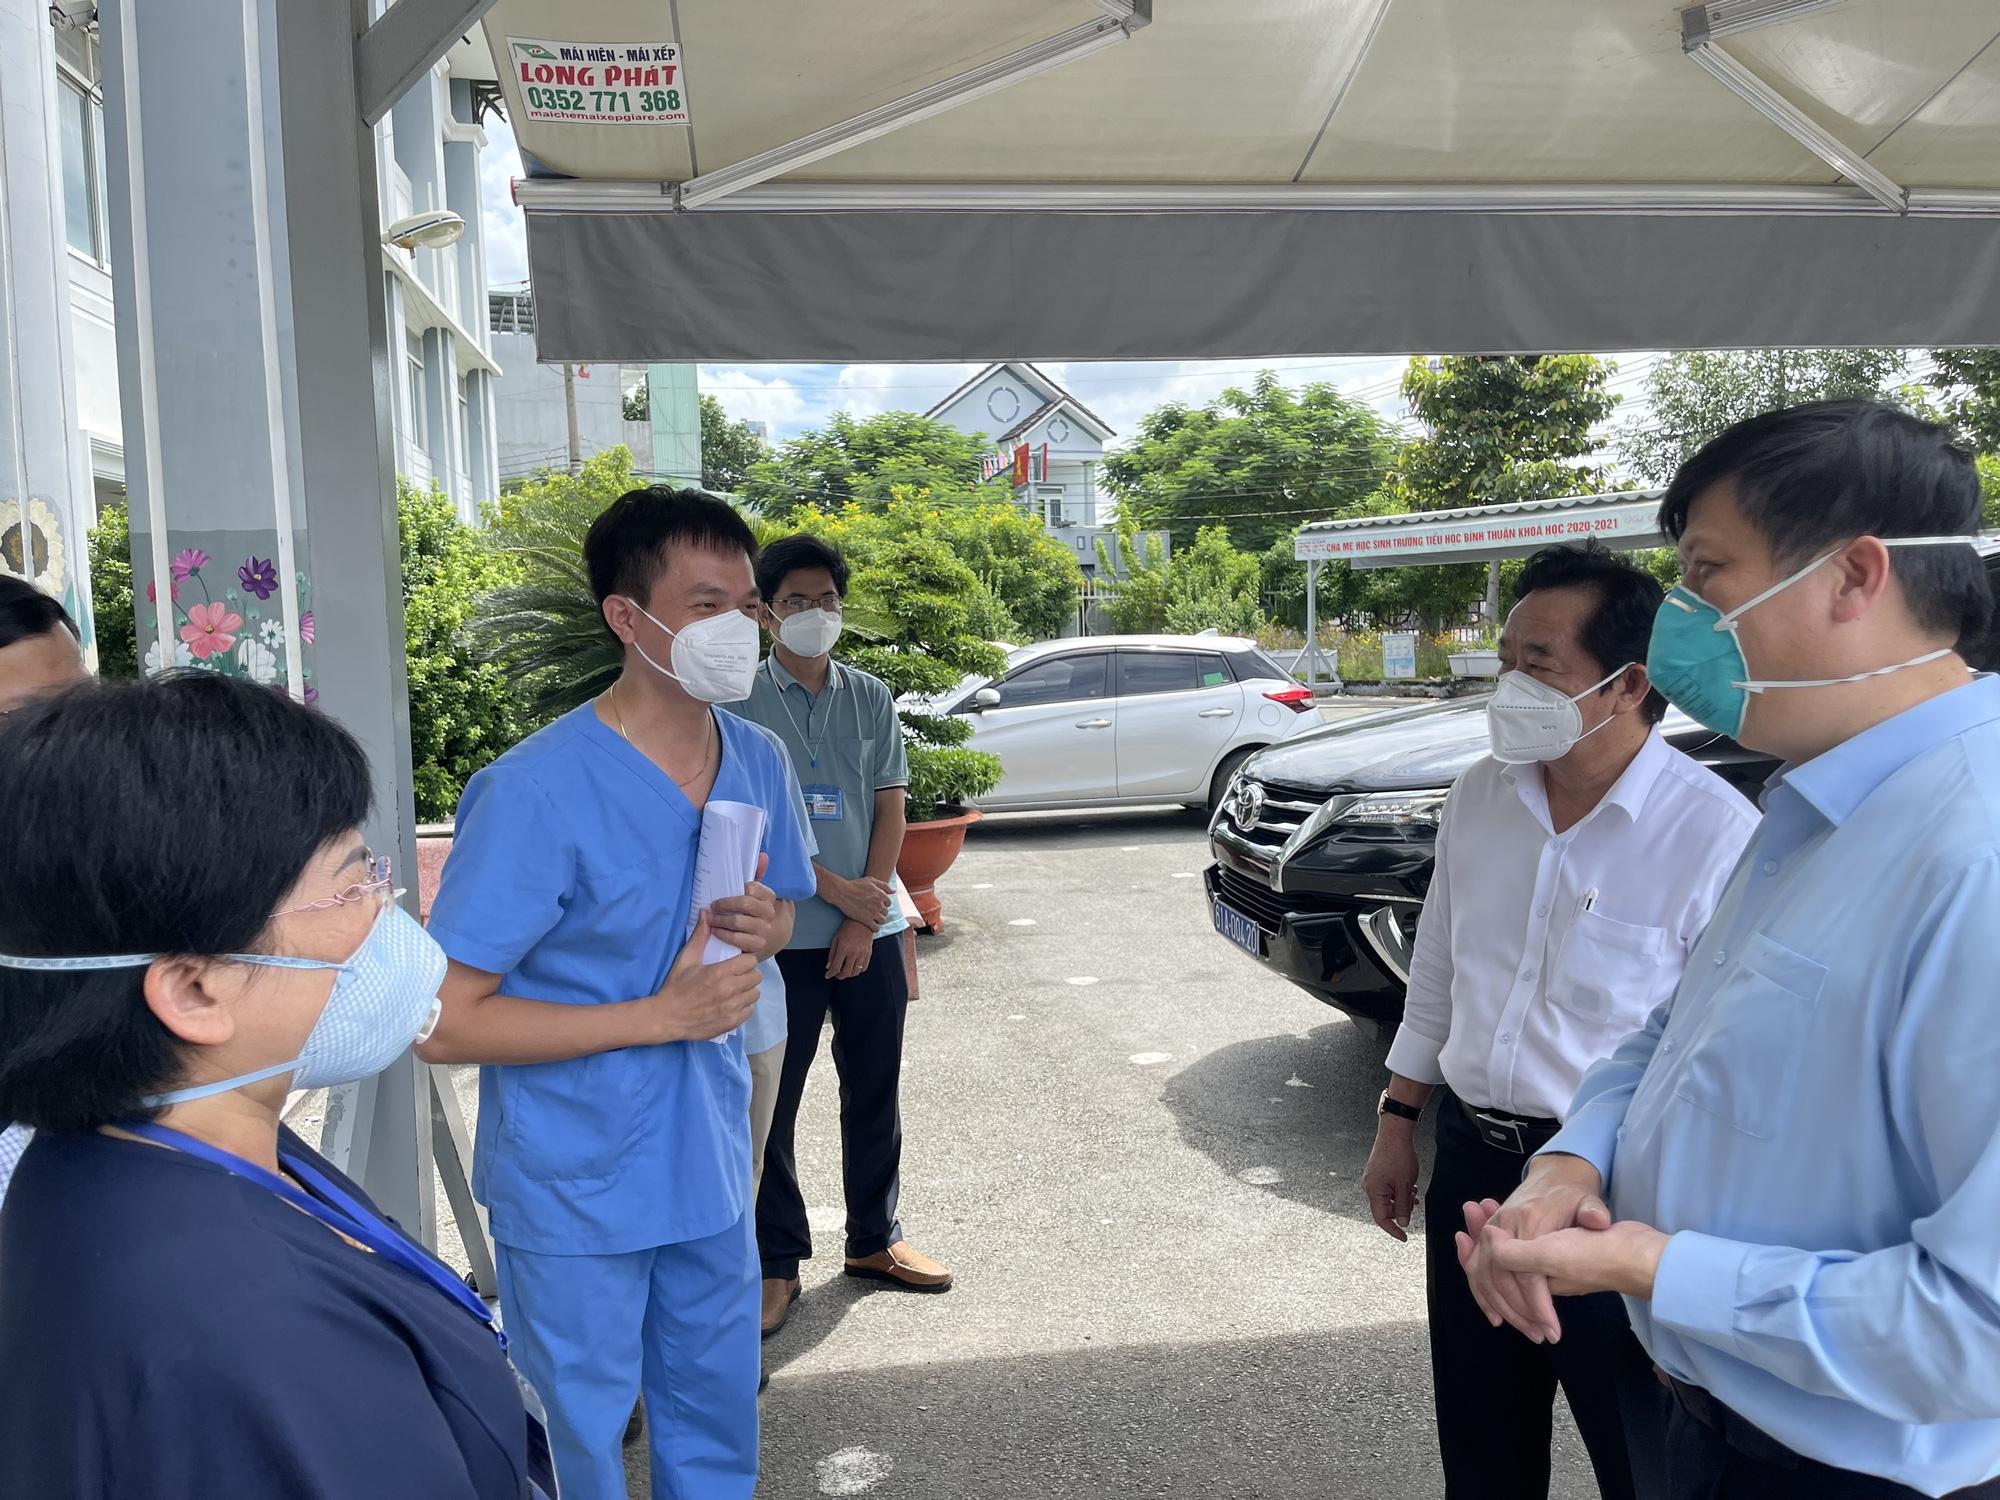 Bộ trưởng Bộ Y tế: Tăng cường hoạt động của các trạm y tế lưu động tại Bình Dương - Ảnh 6.